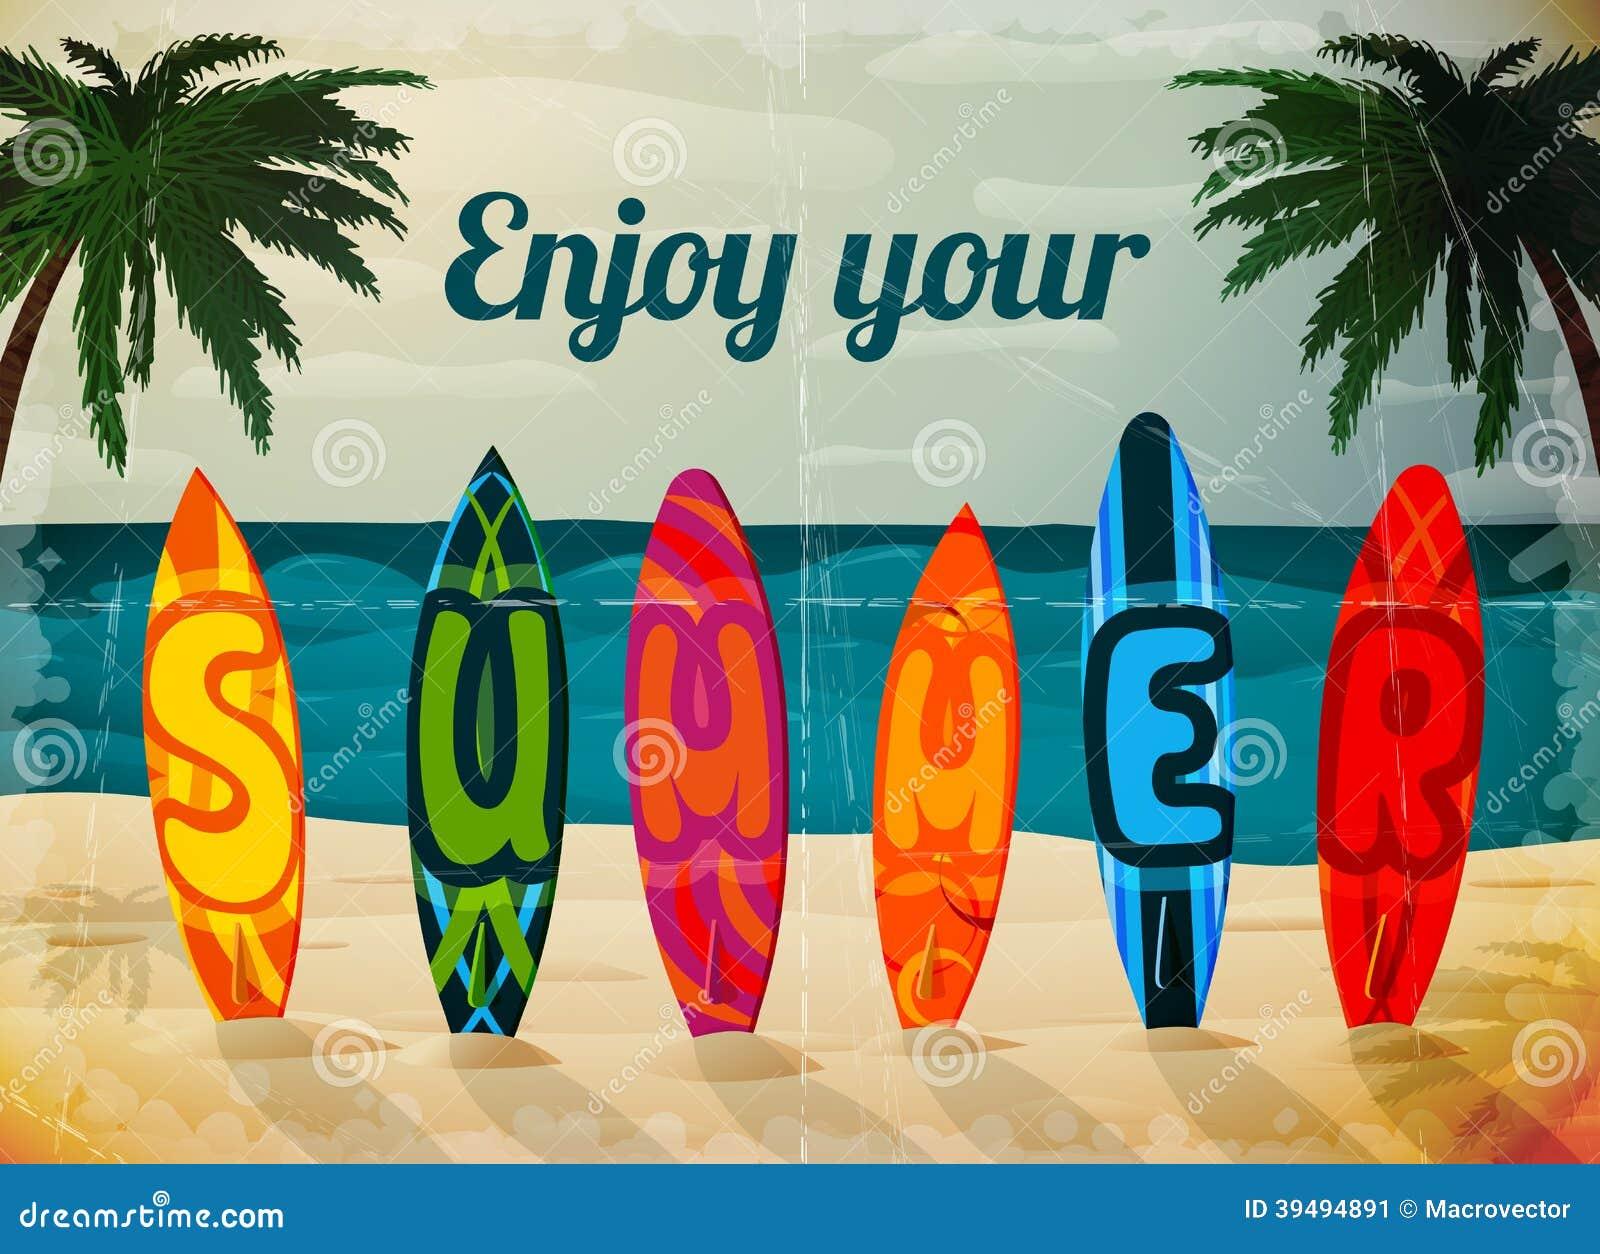 surfboard wallpaper hd